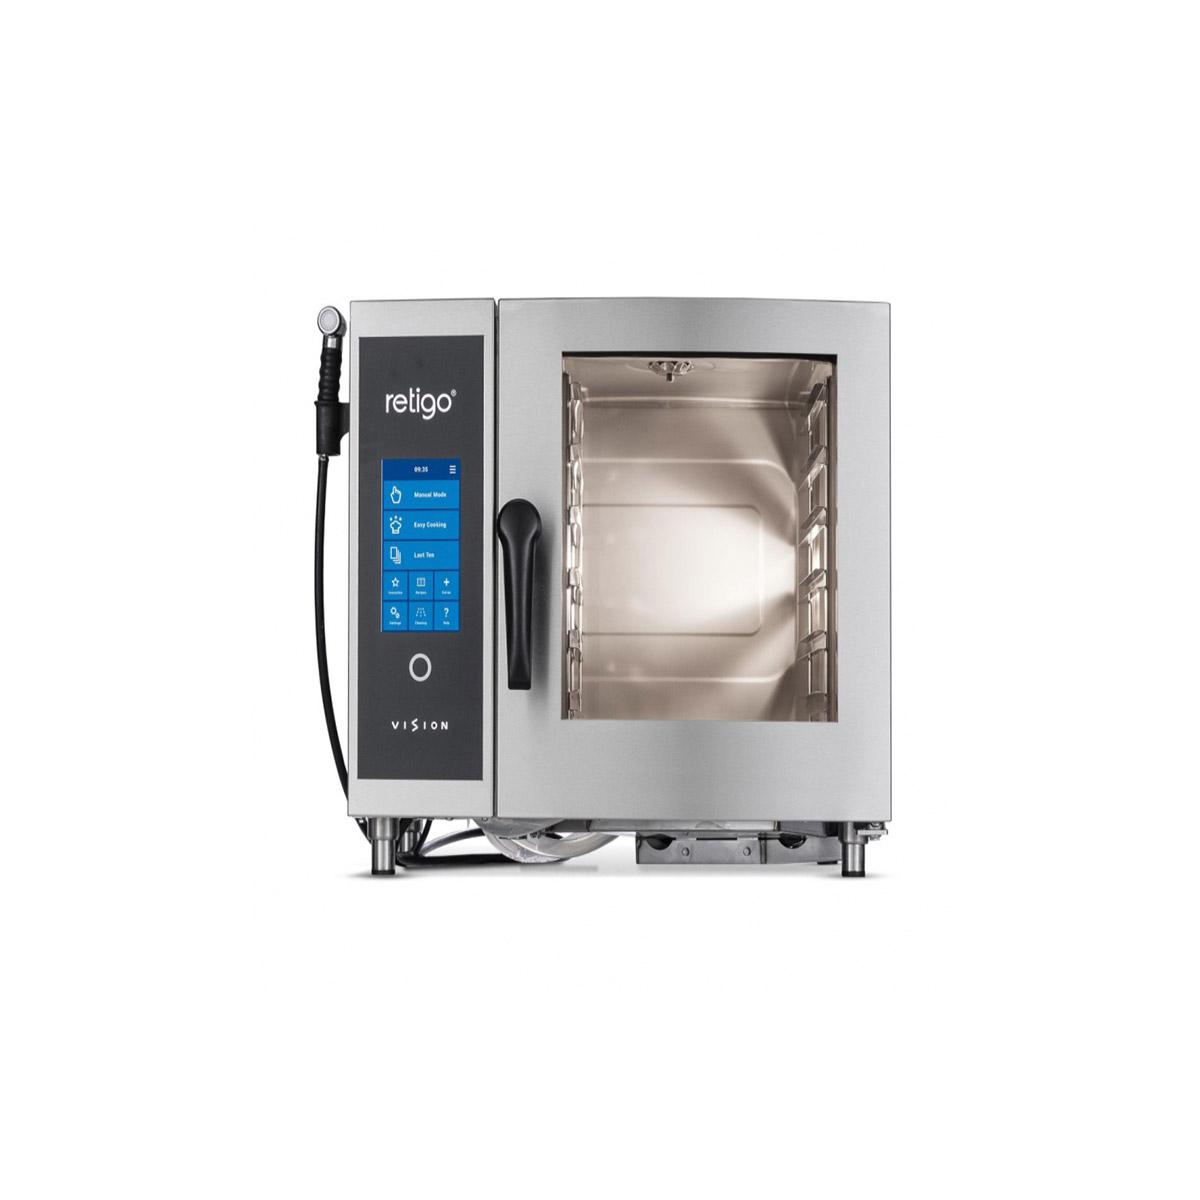 Retigo Blue Vision 6x Grid Combination Oven B623i